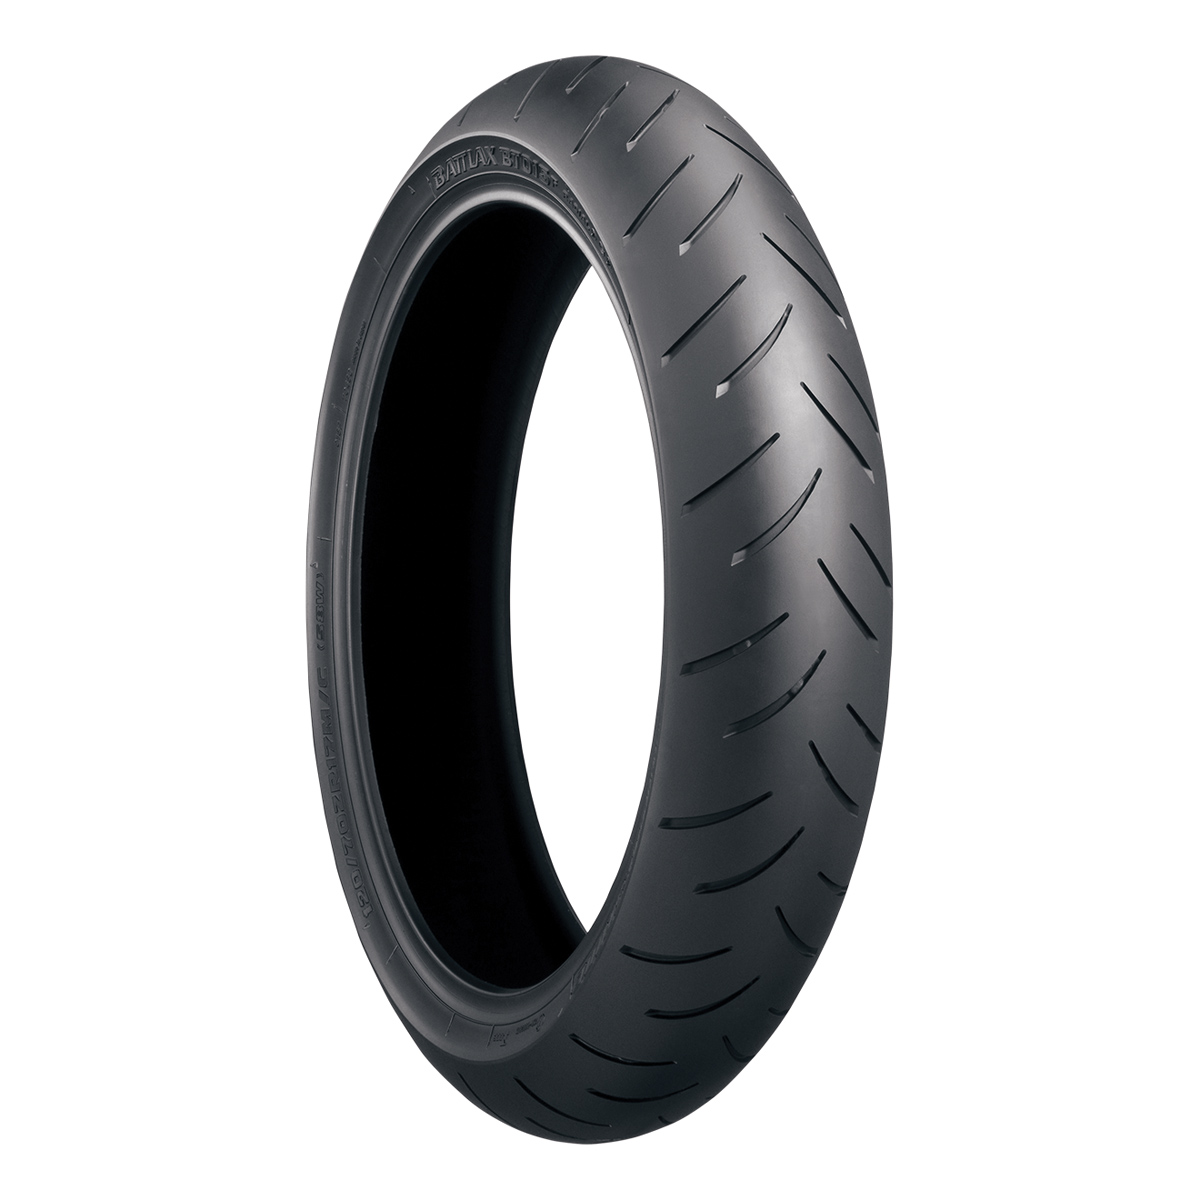 Bridgestone BT015-L 120/70ZR17 Front Tire